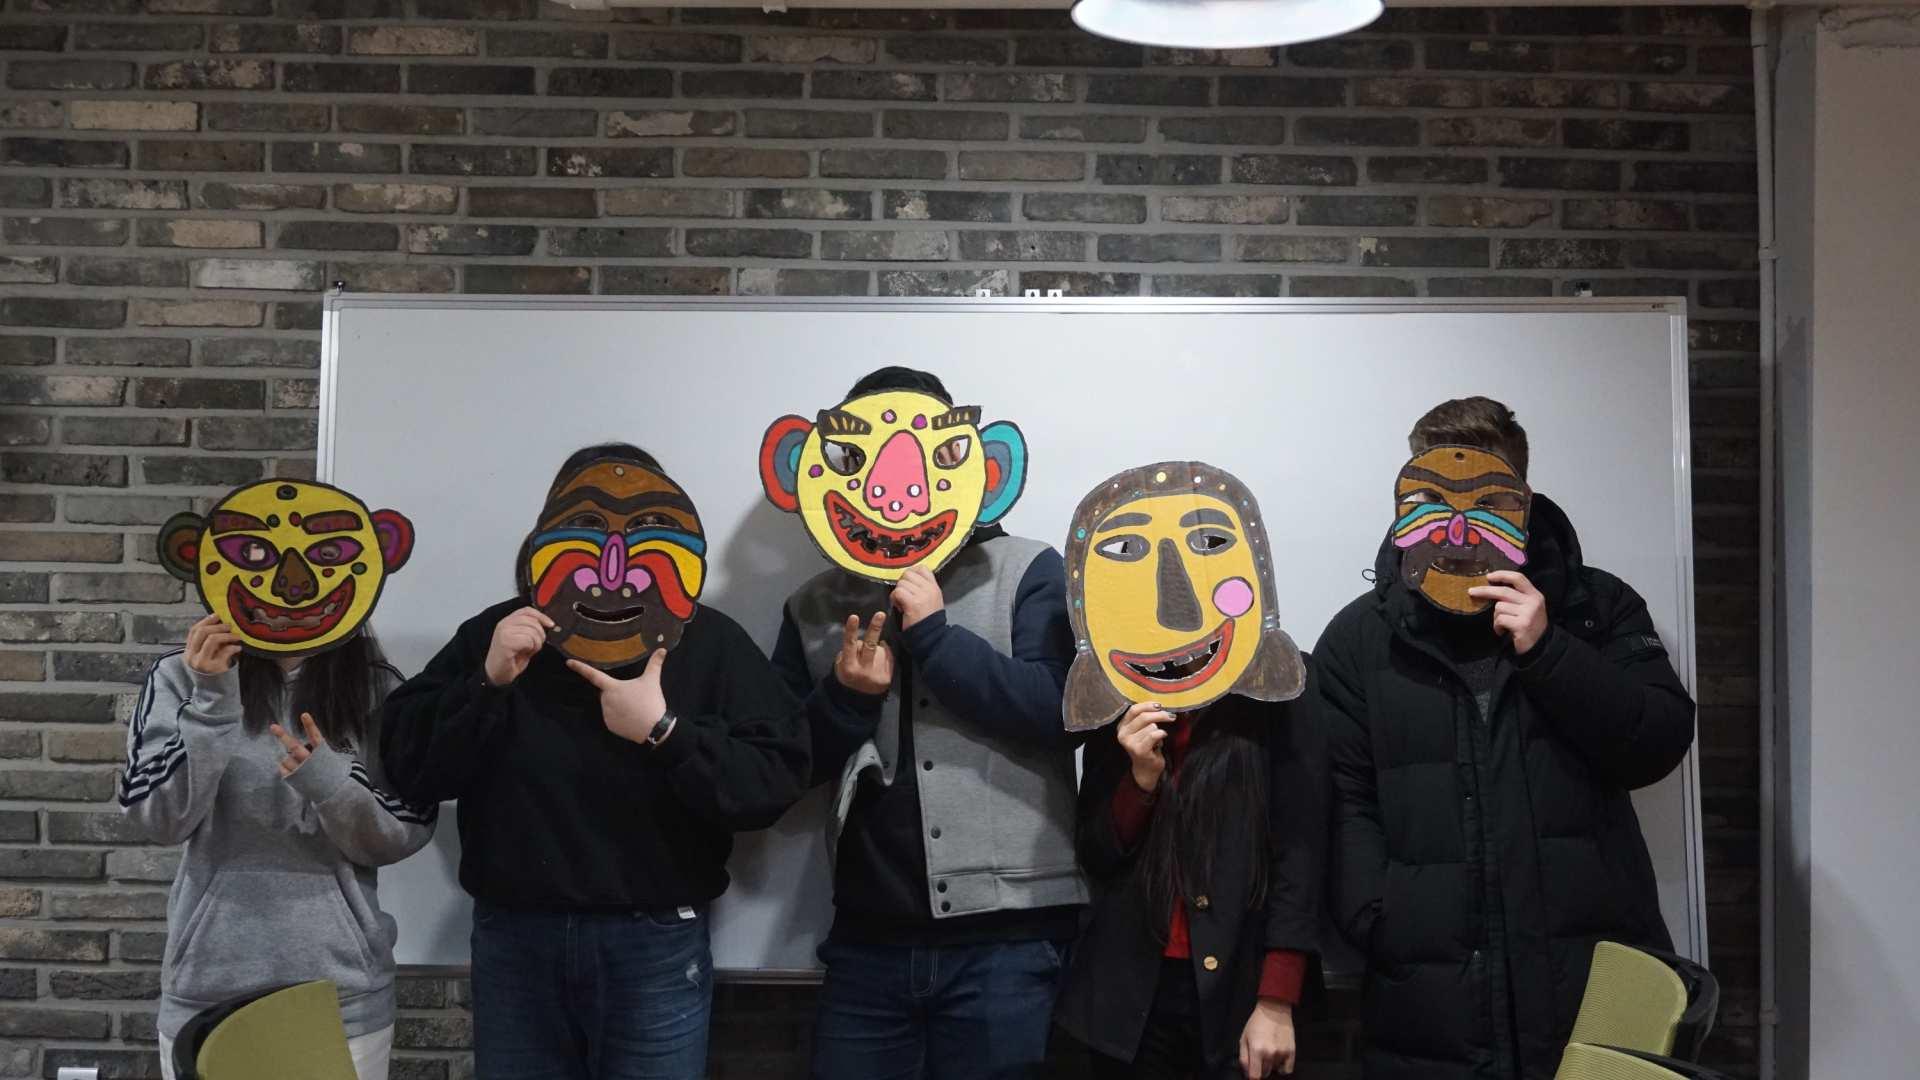 【首爾傳統手作】SHAREUS 韓國傳統面具 DIY 製作體驗